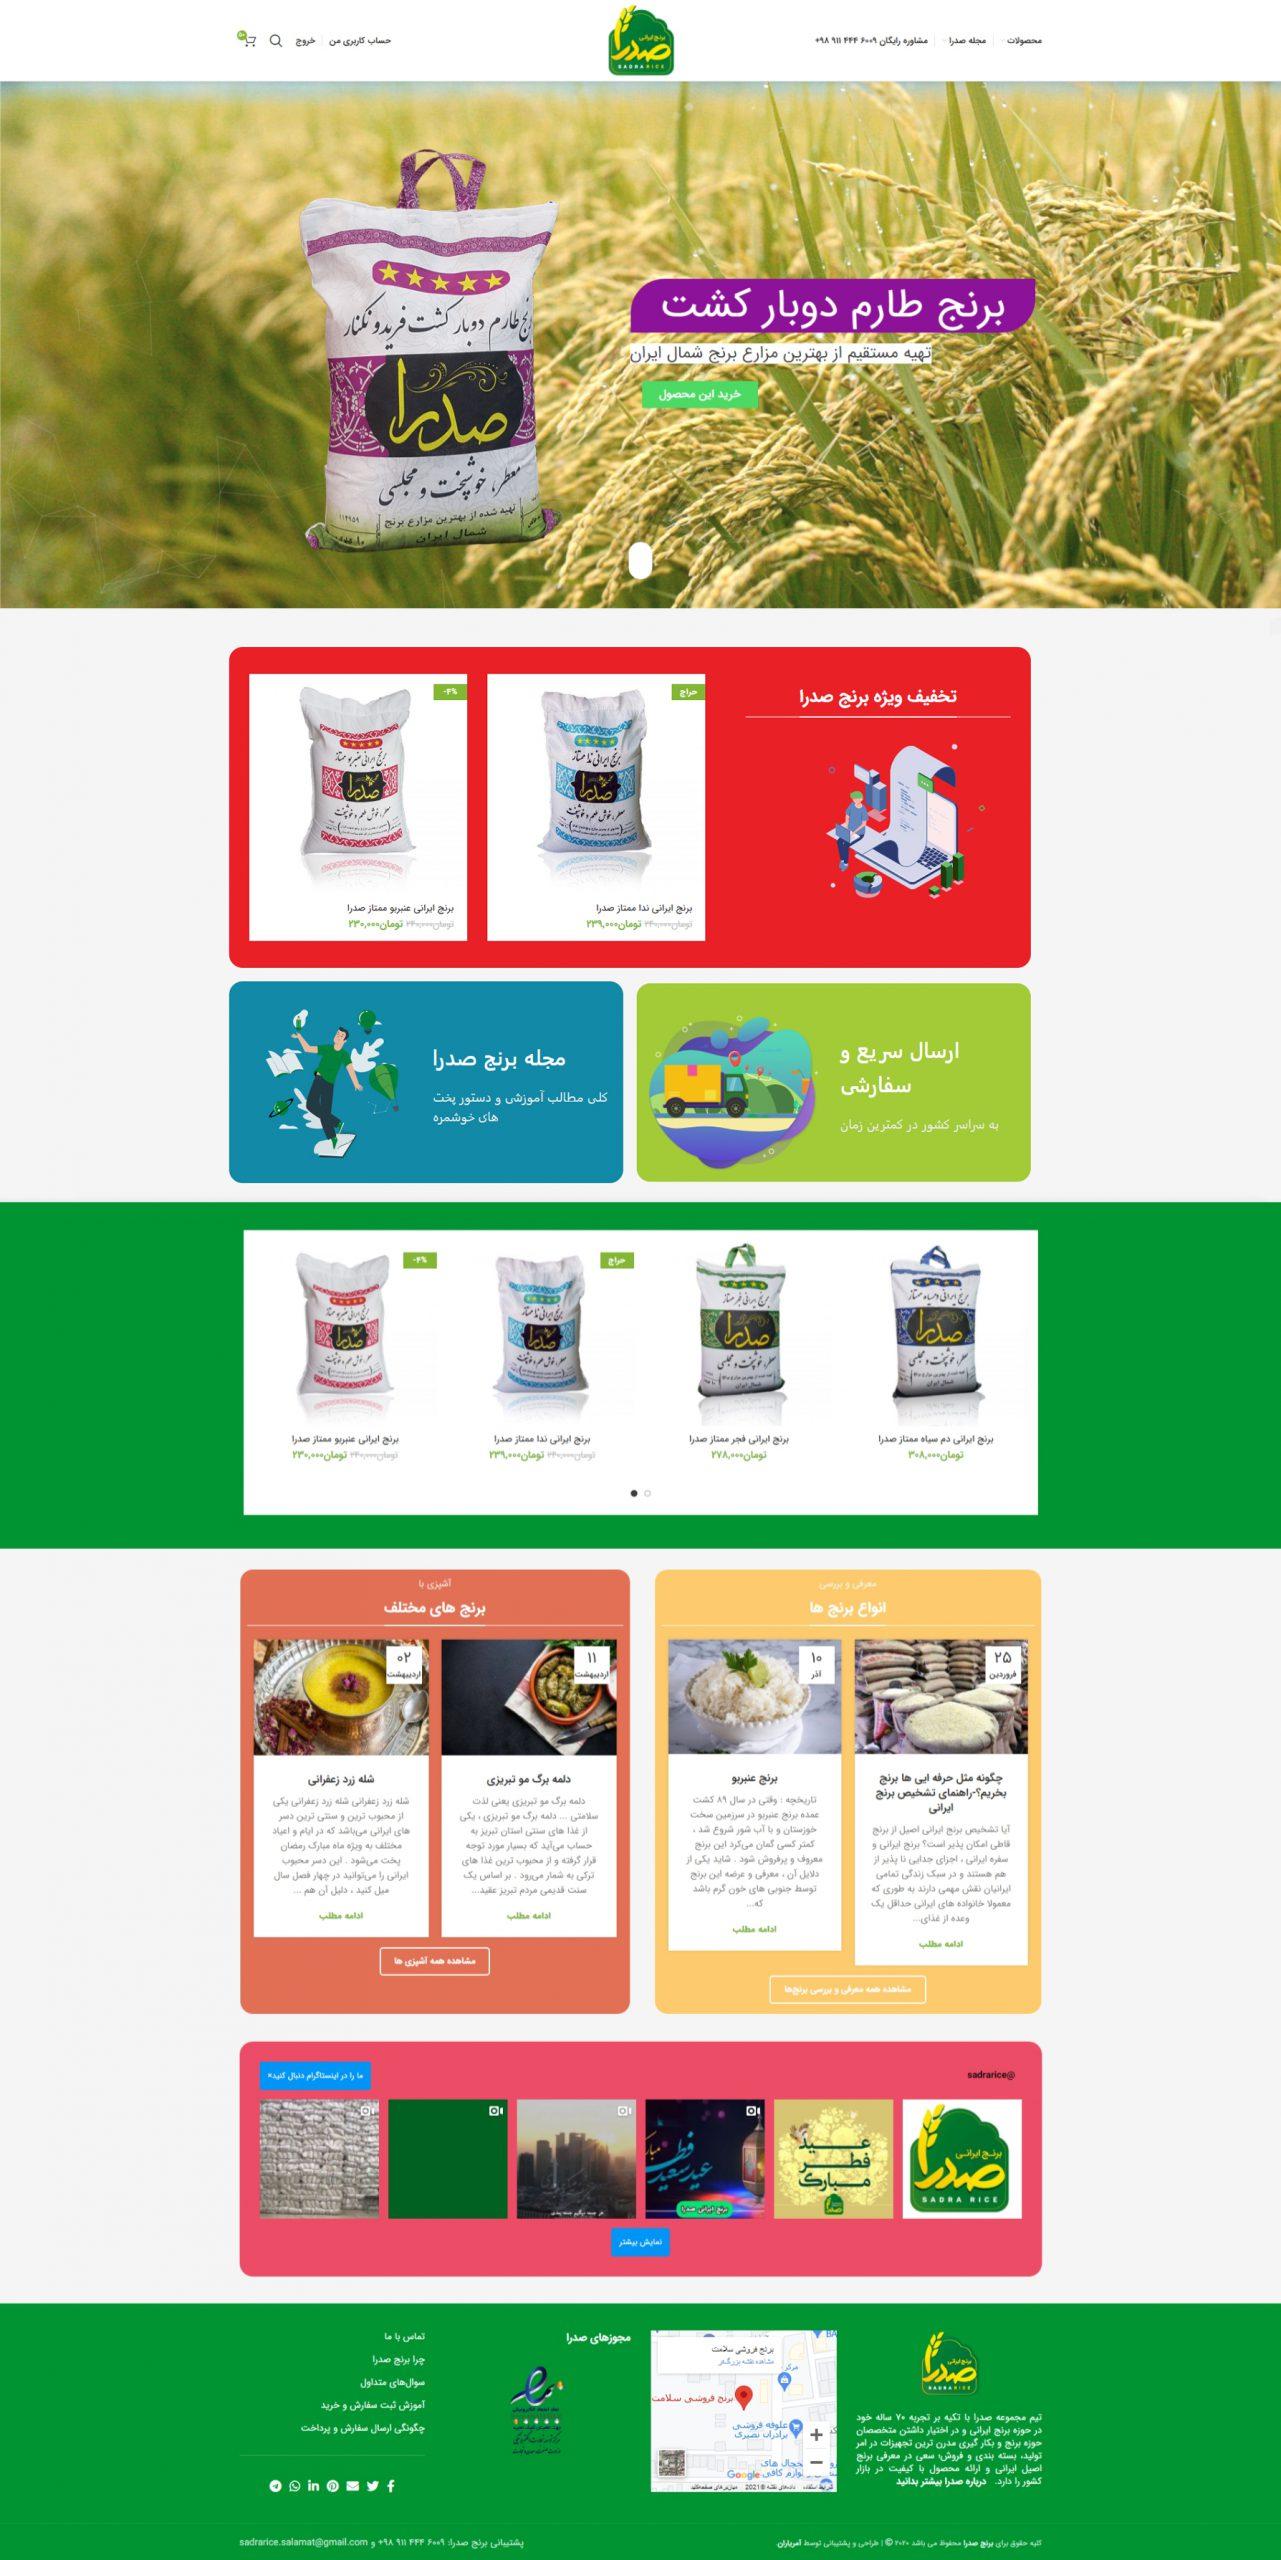 طراحی وب سایت فروشگاهی صدرا   طراحی وب سایت, نمونه کار